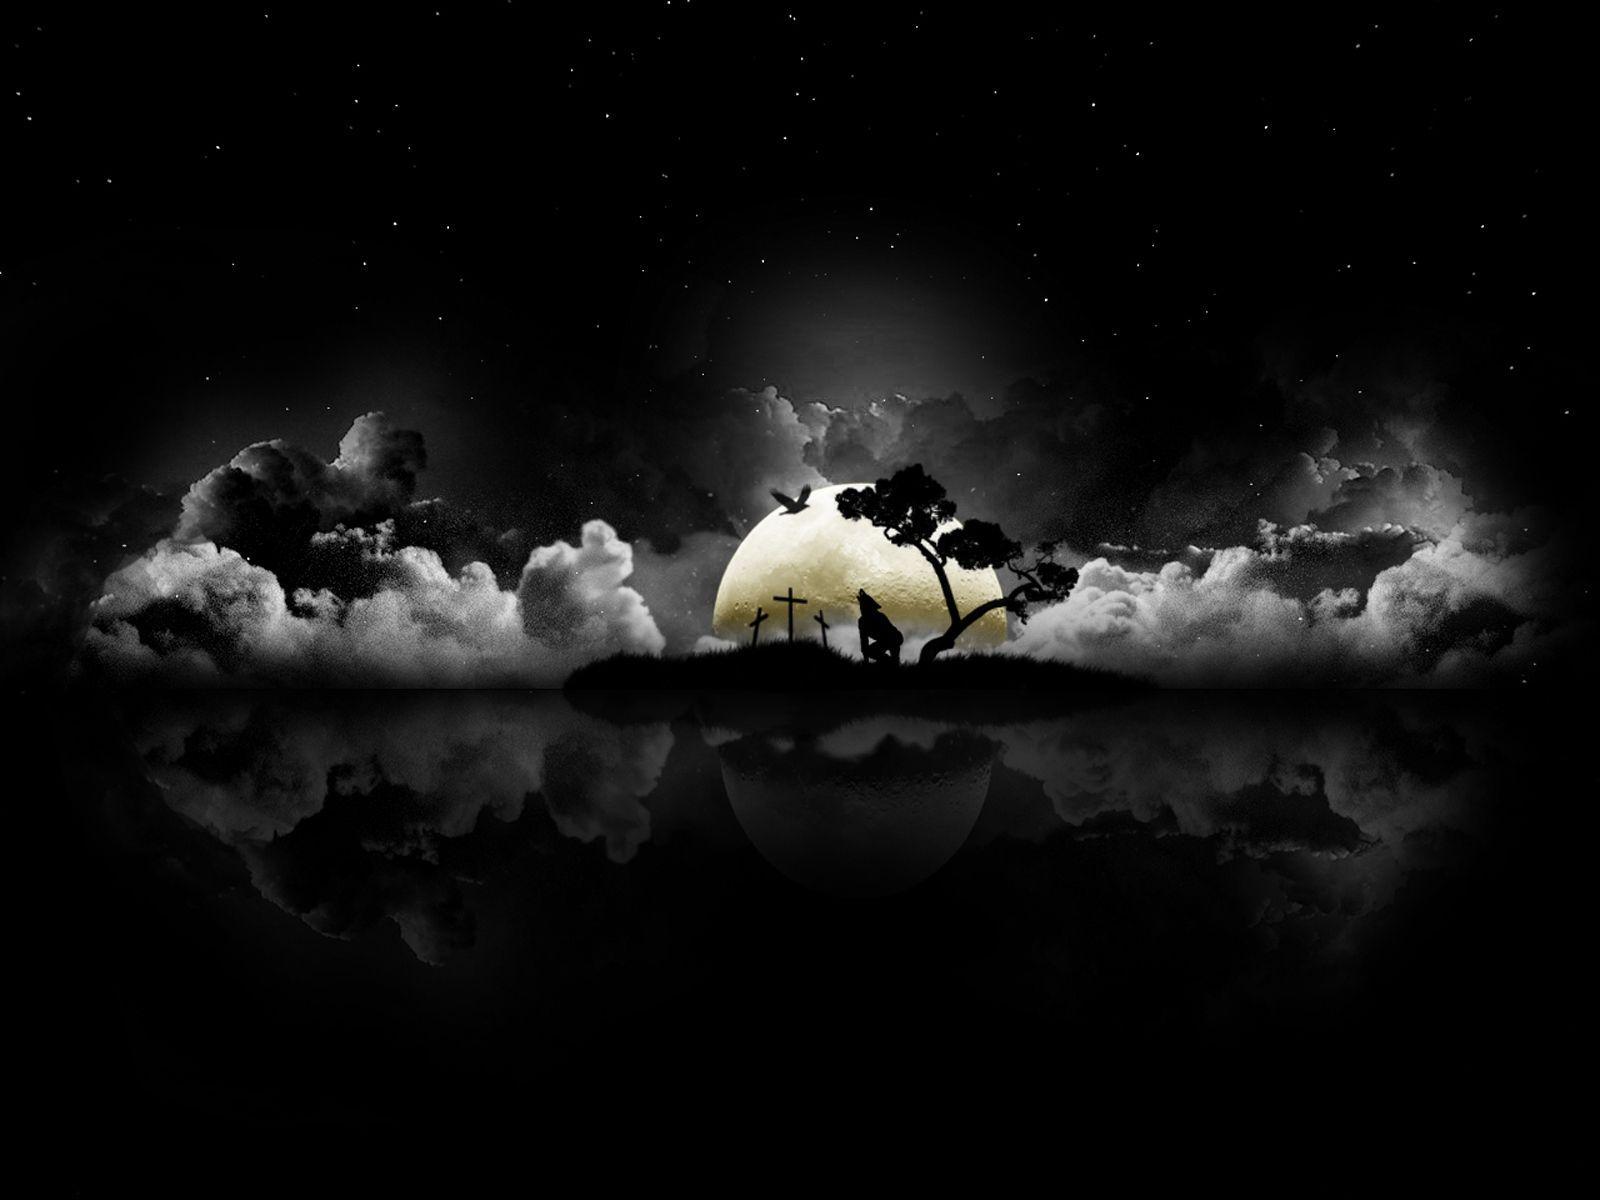 Hình nền 1600x1200: Good Night Wallpaper In 3D